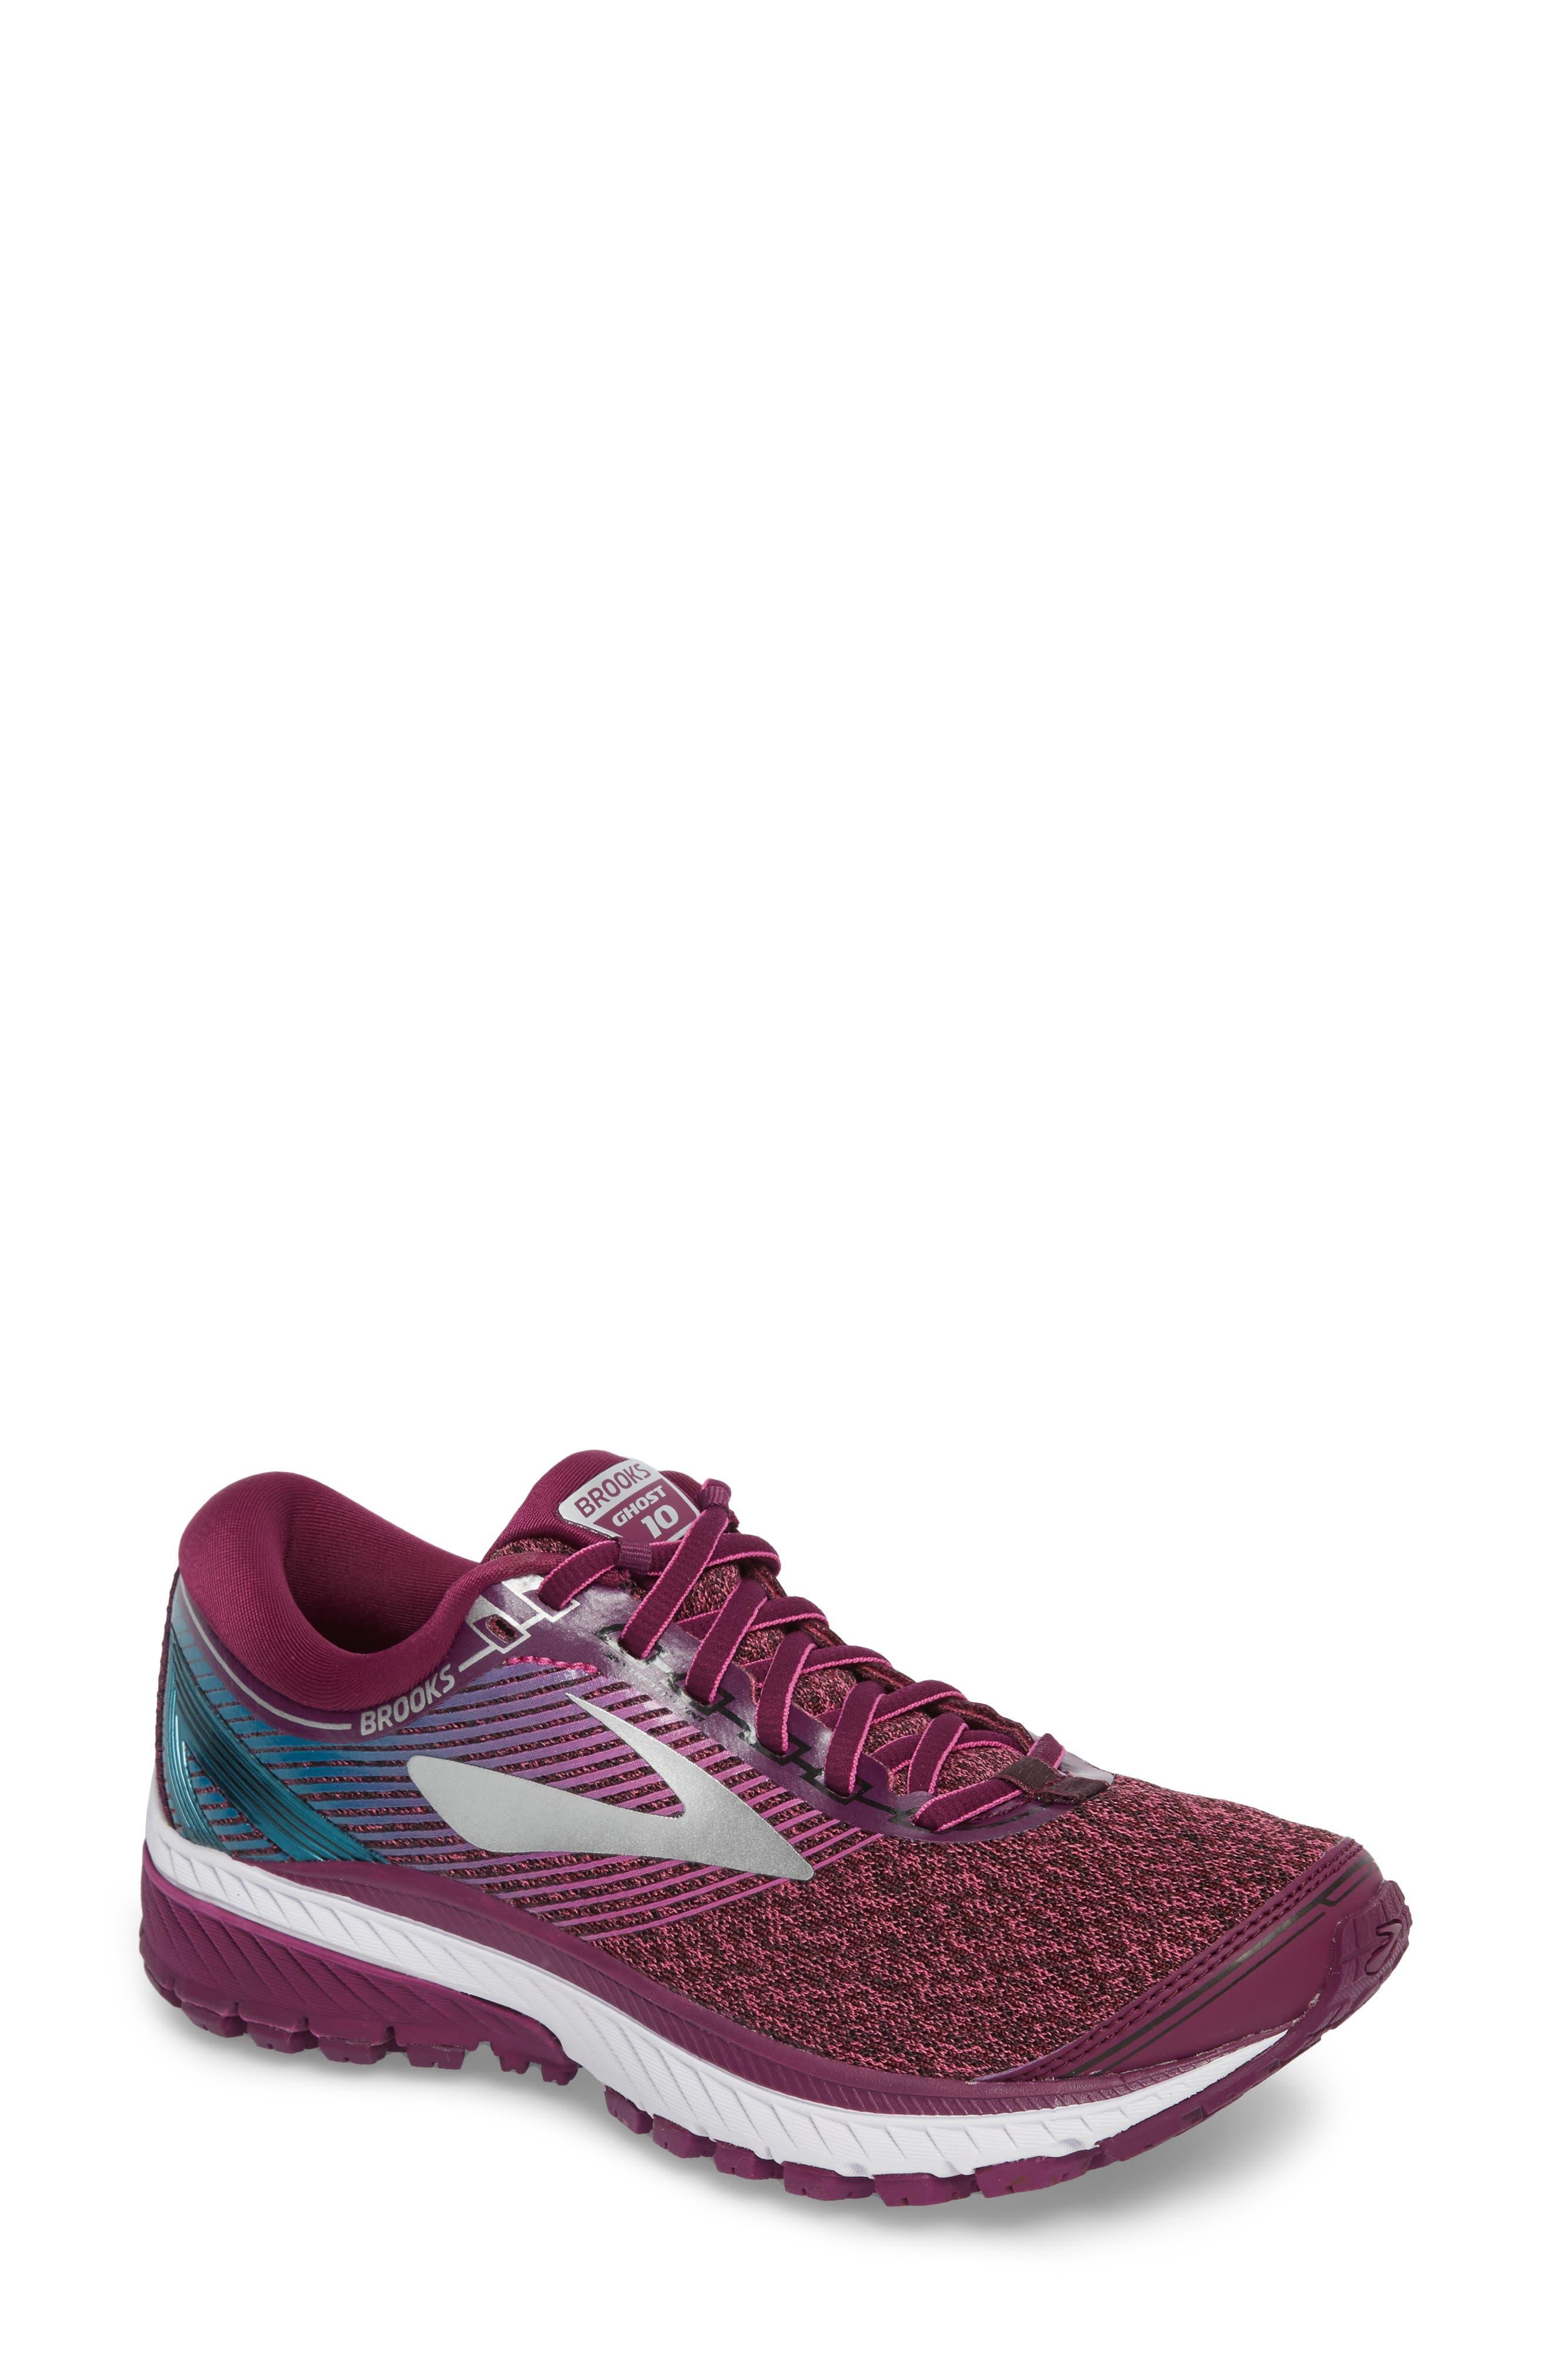 Main Image - Brooks Ghost 10 Running Shoe (Women)